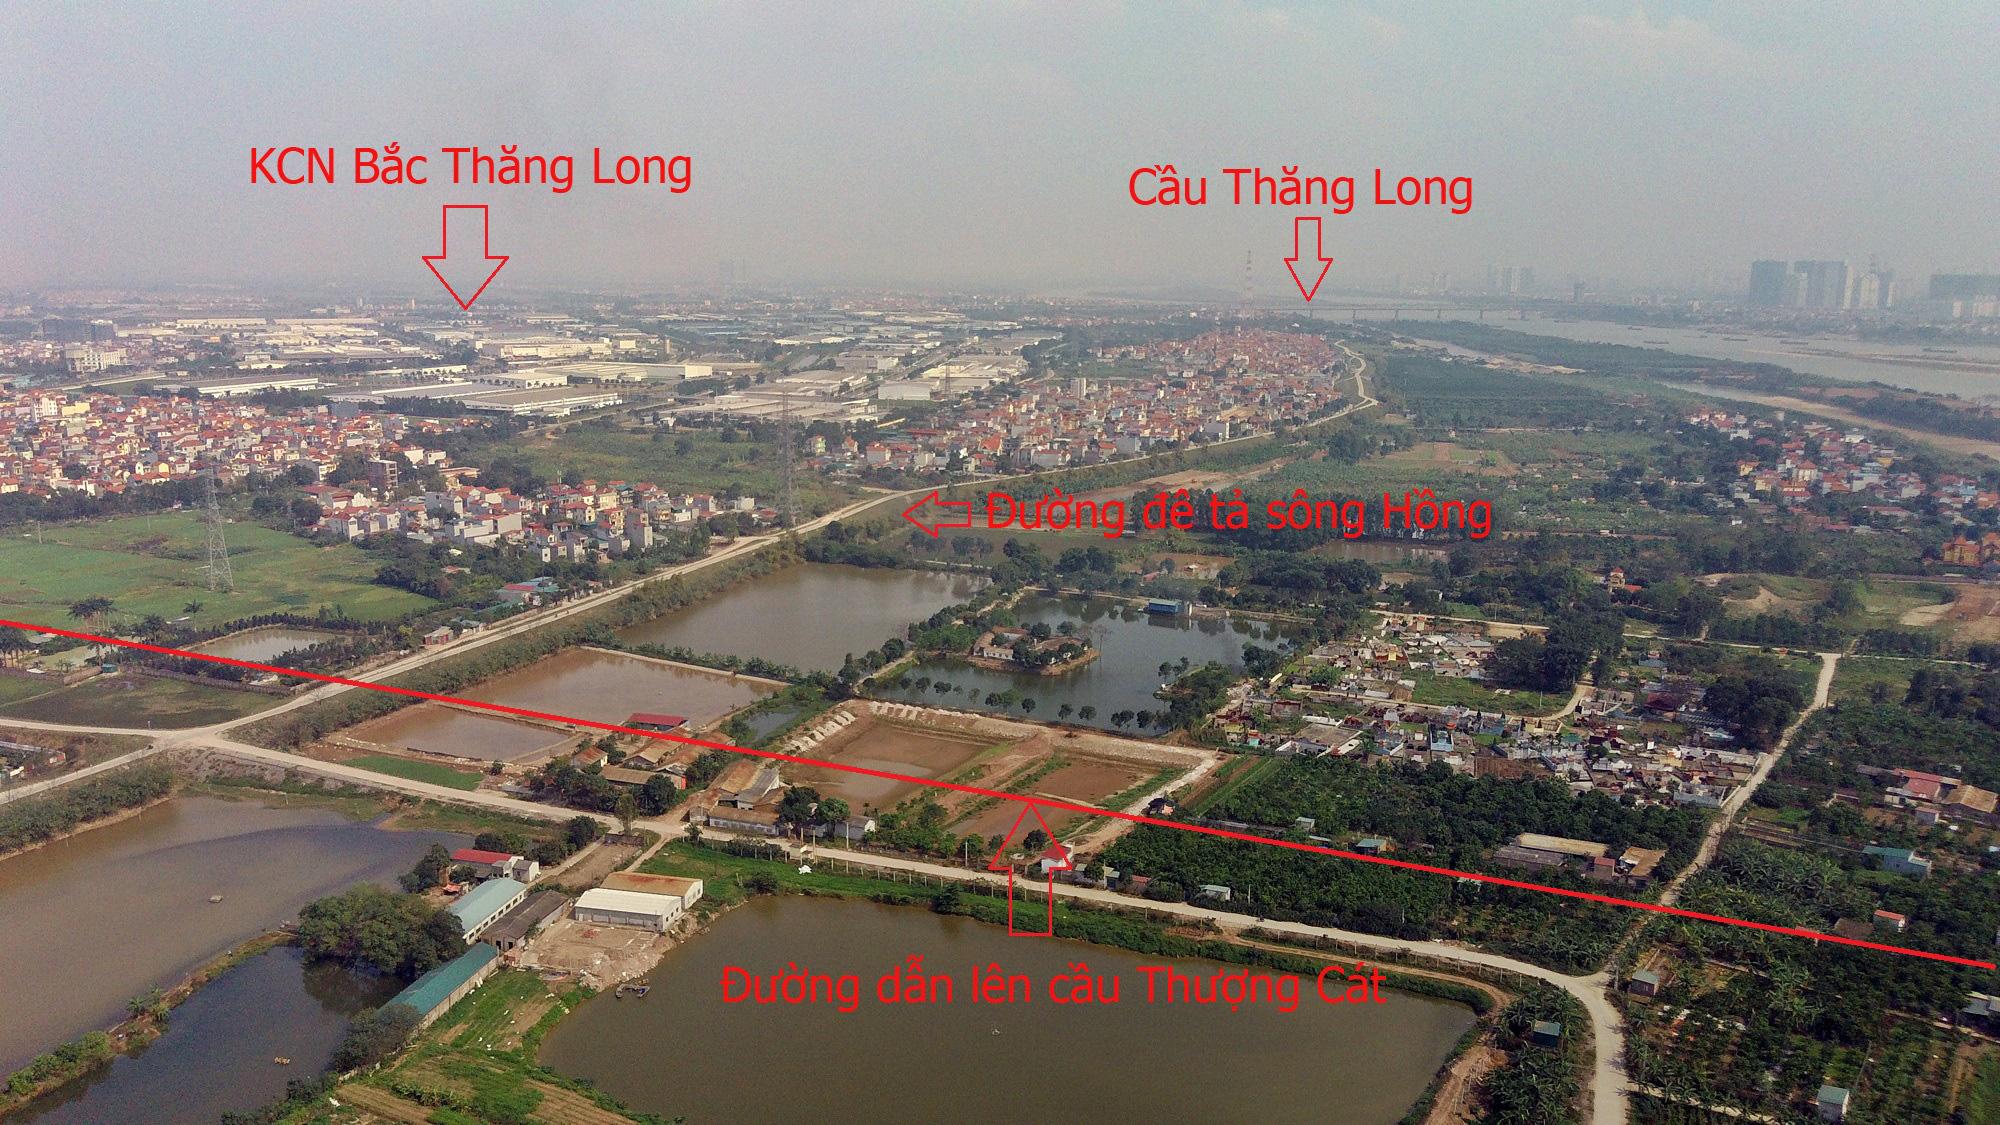 Cầu sẽ mở theo qui hoạch ở Hà Nội: Toàn cảnh cầu Thượng Cát nối Bắc Từ Liêm với Đông Anh - Ảnh 11.